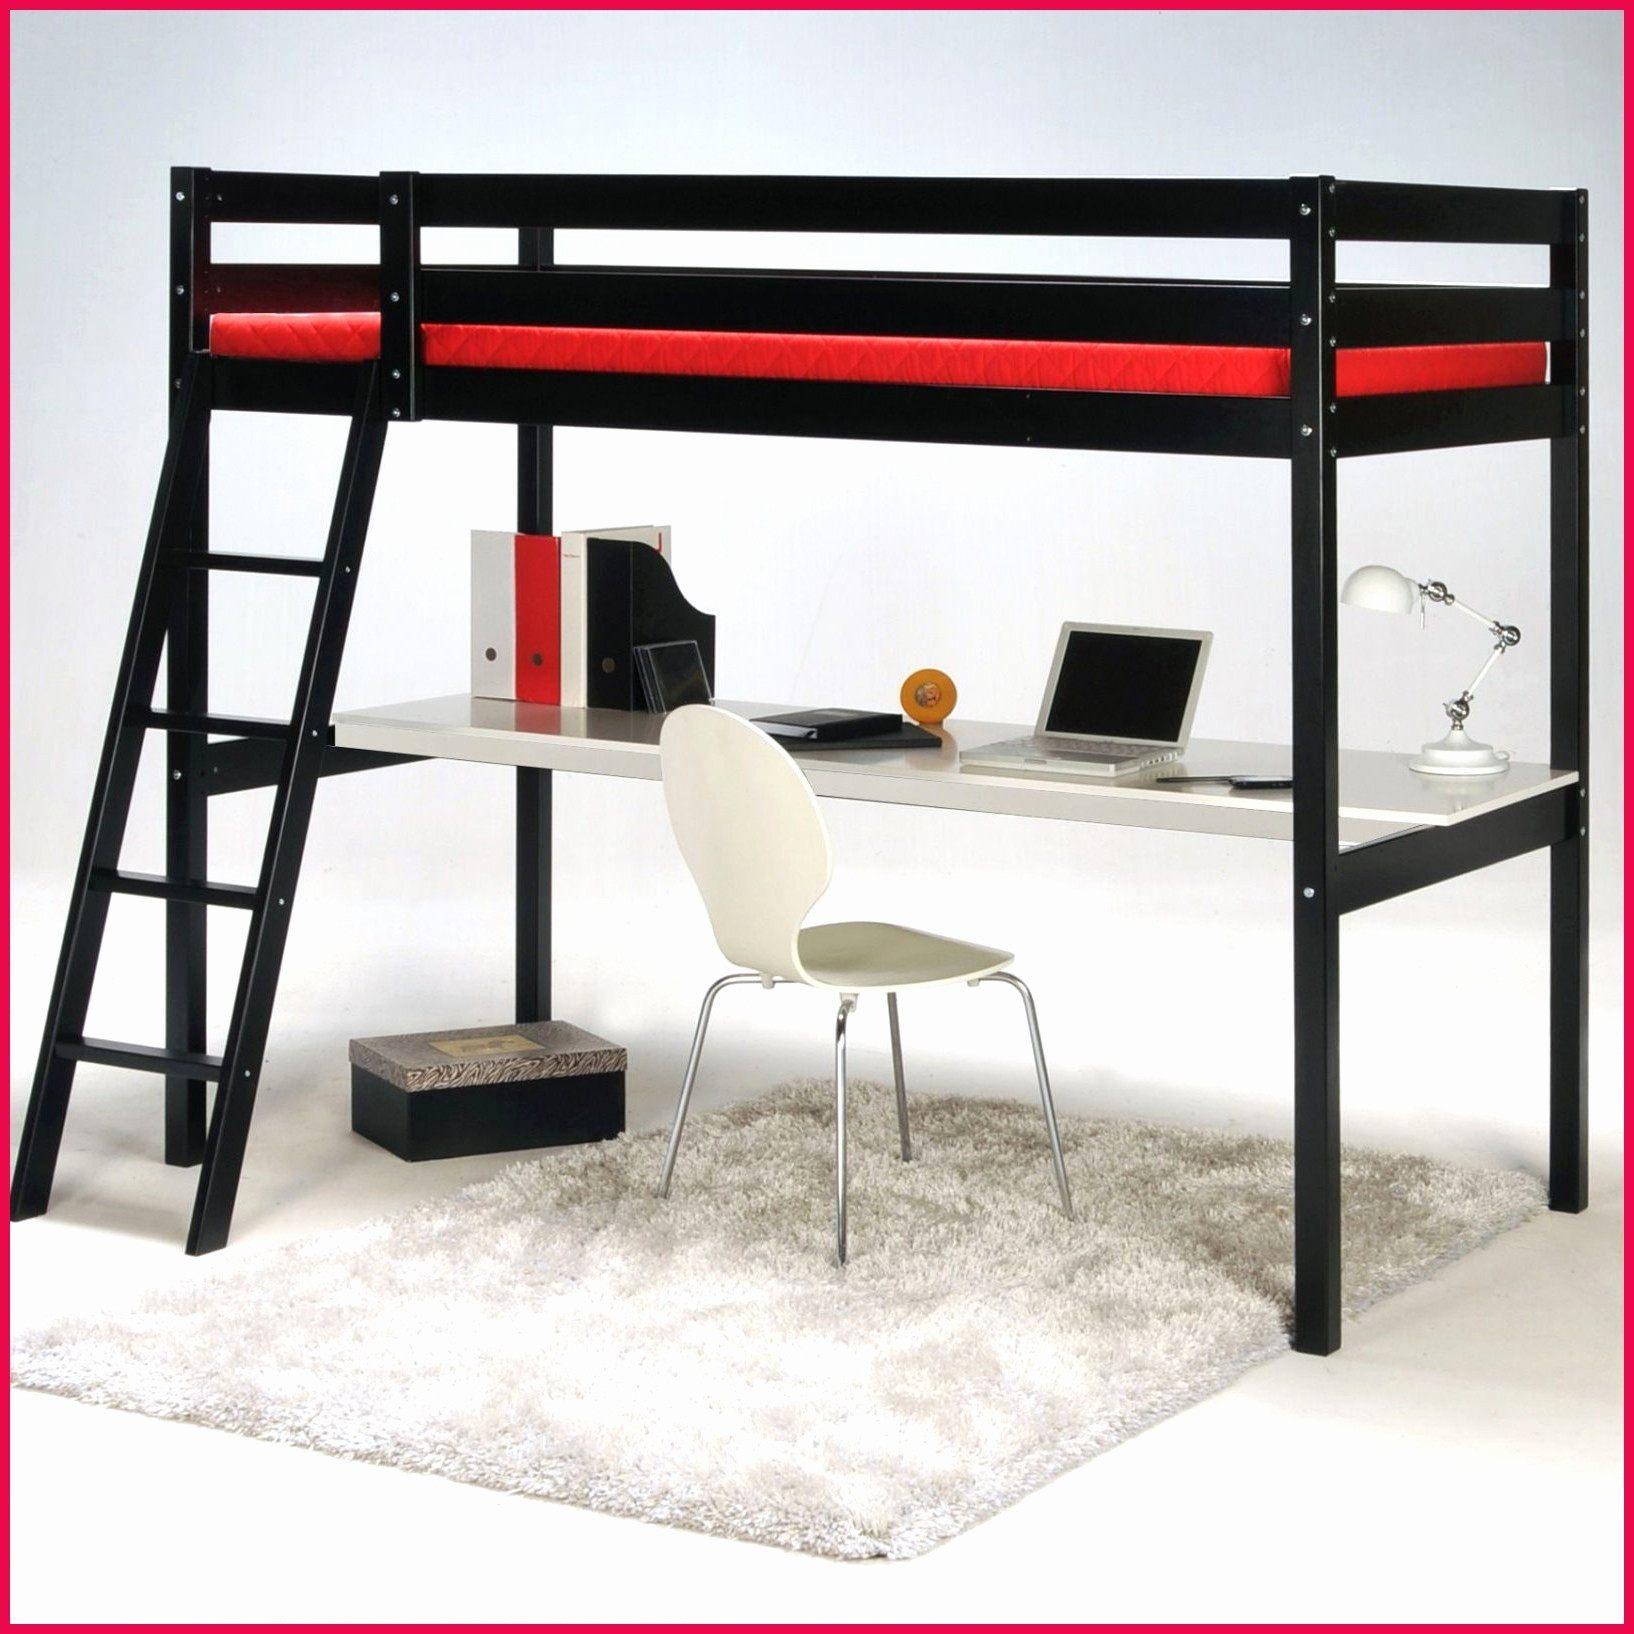 Lit Enfant Haut Luxe Lit Mi Haut Enfant Lit Mezzanine Design Lit Mezzanine Design Unique